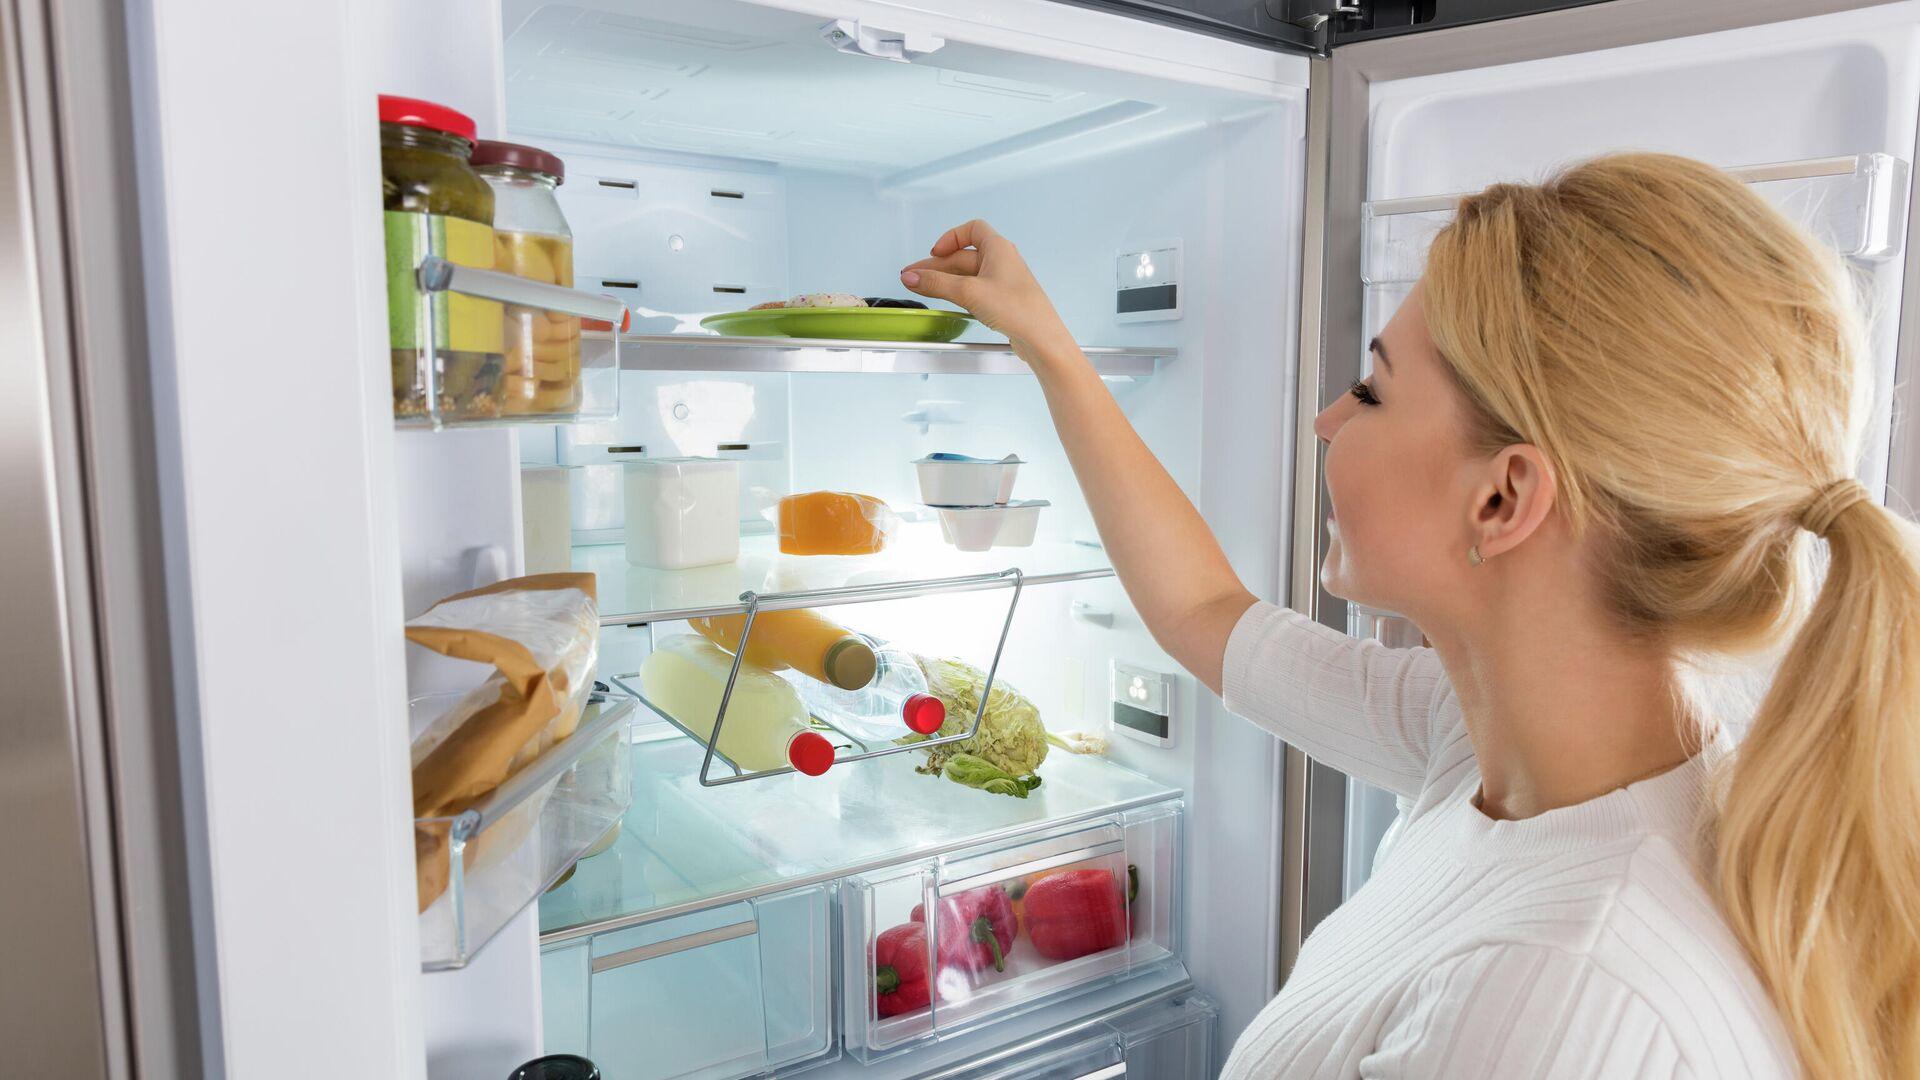 Девушка достает продукты из холодильника - РИА Новости, 1920, 20.07.2020